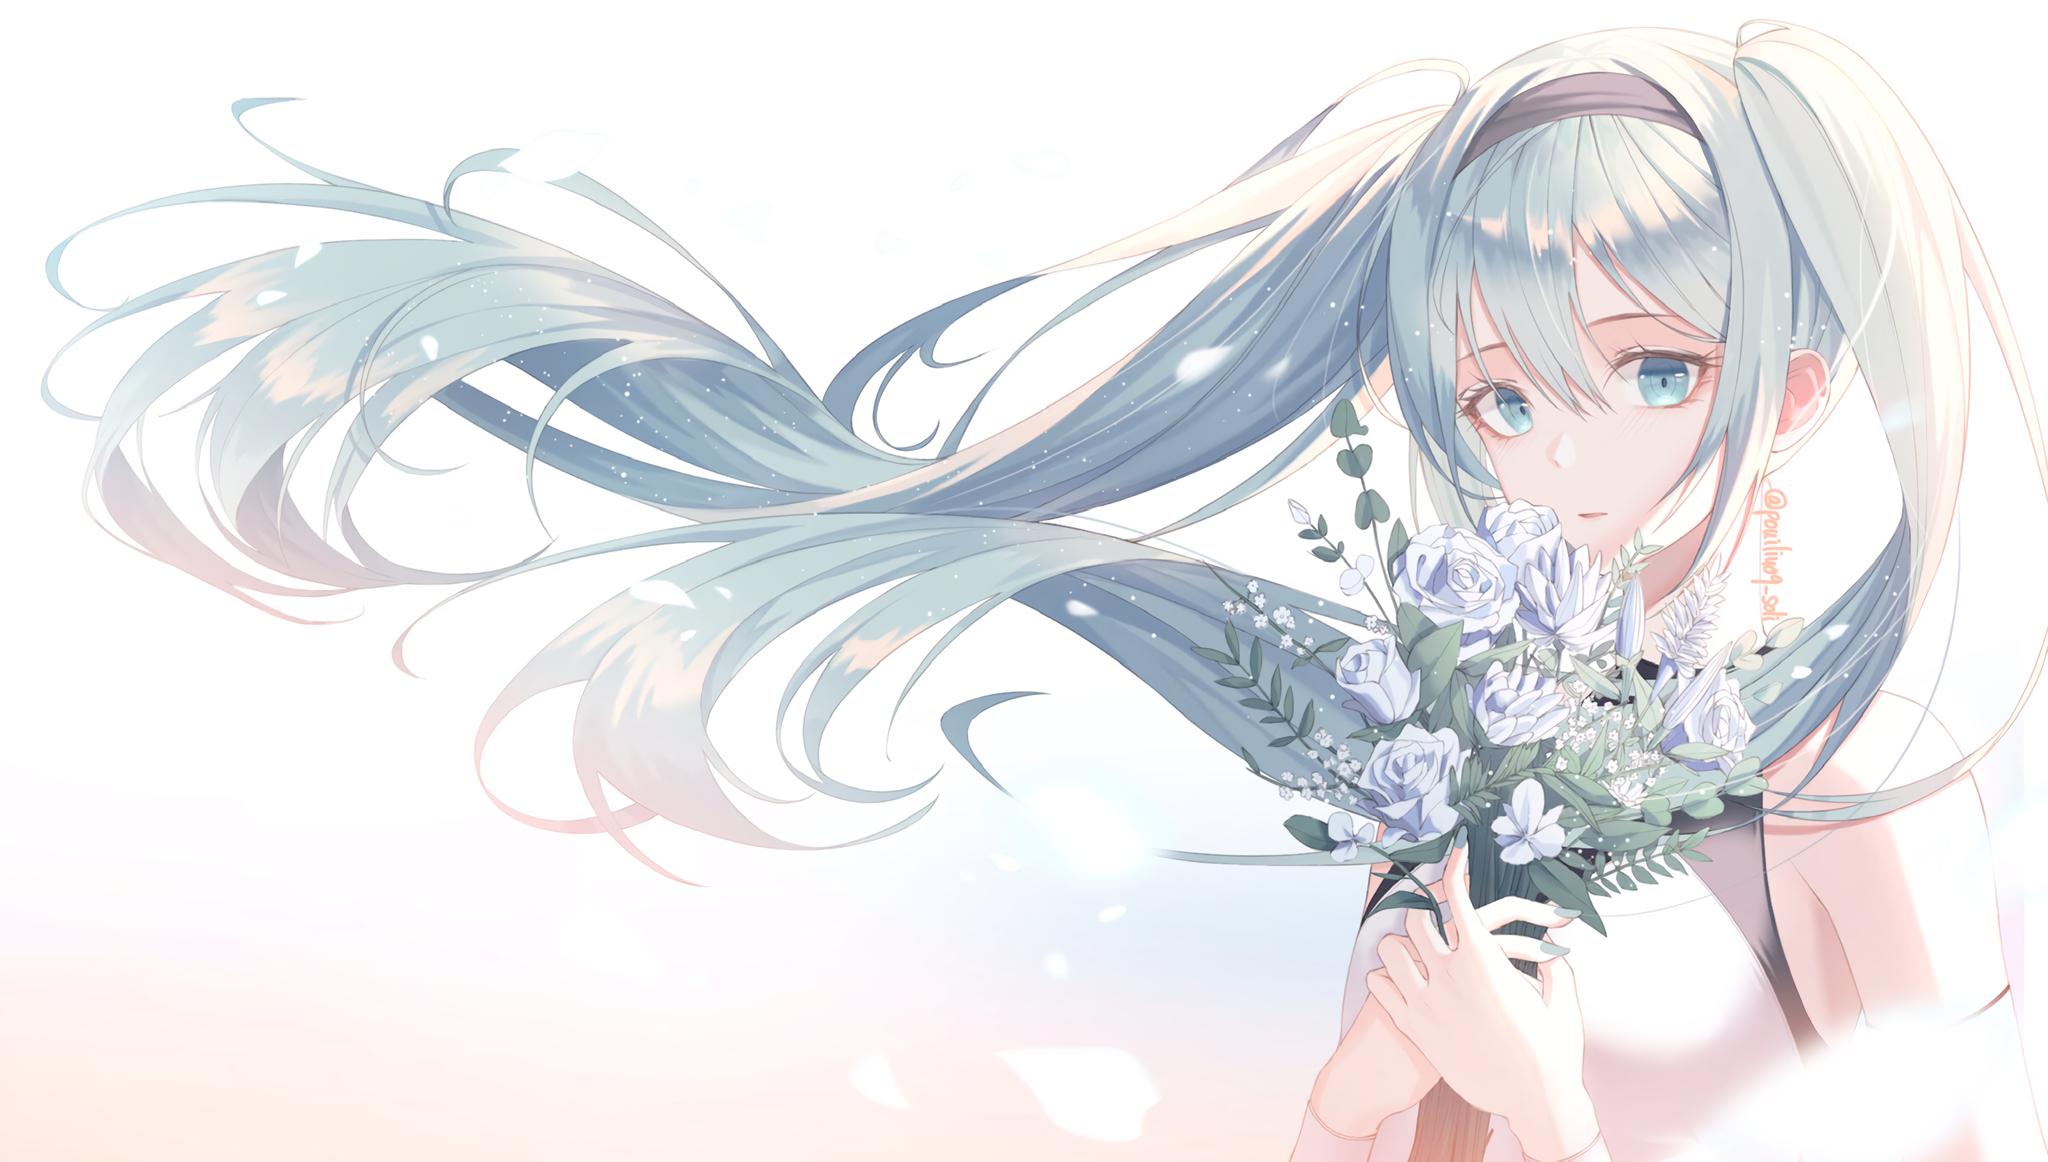 Blue Eyes Blue Hair Girl Hatsune Miku Long Hair Vocaloid 2048x1162